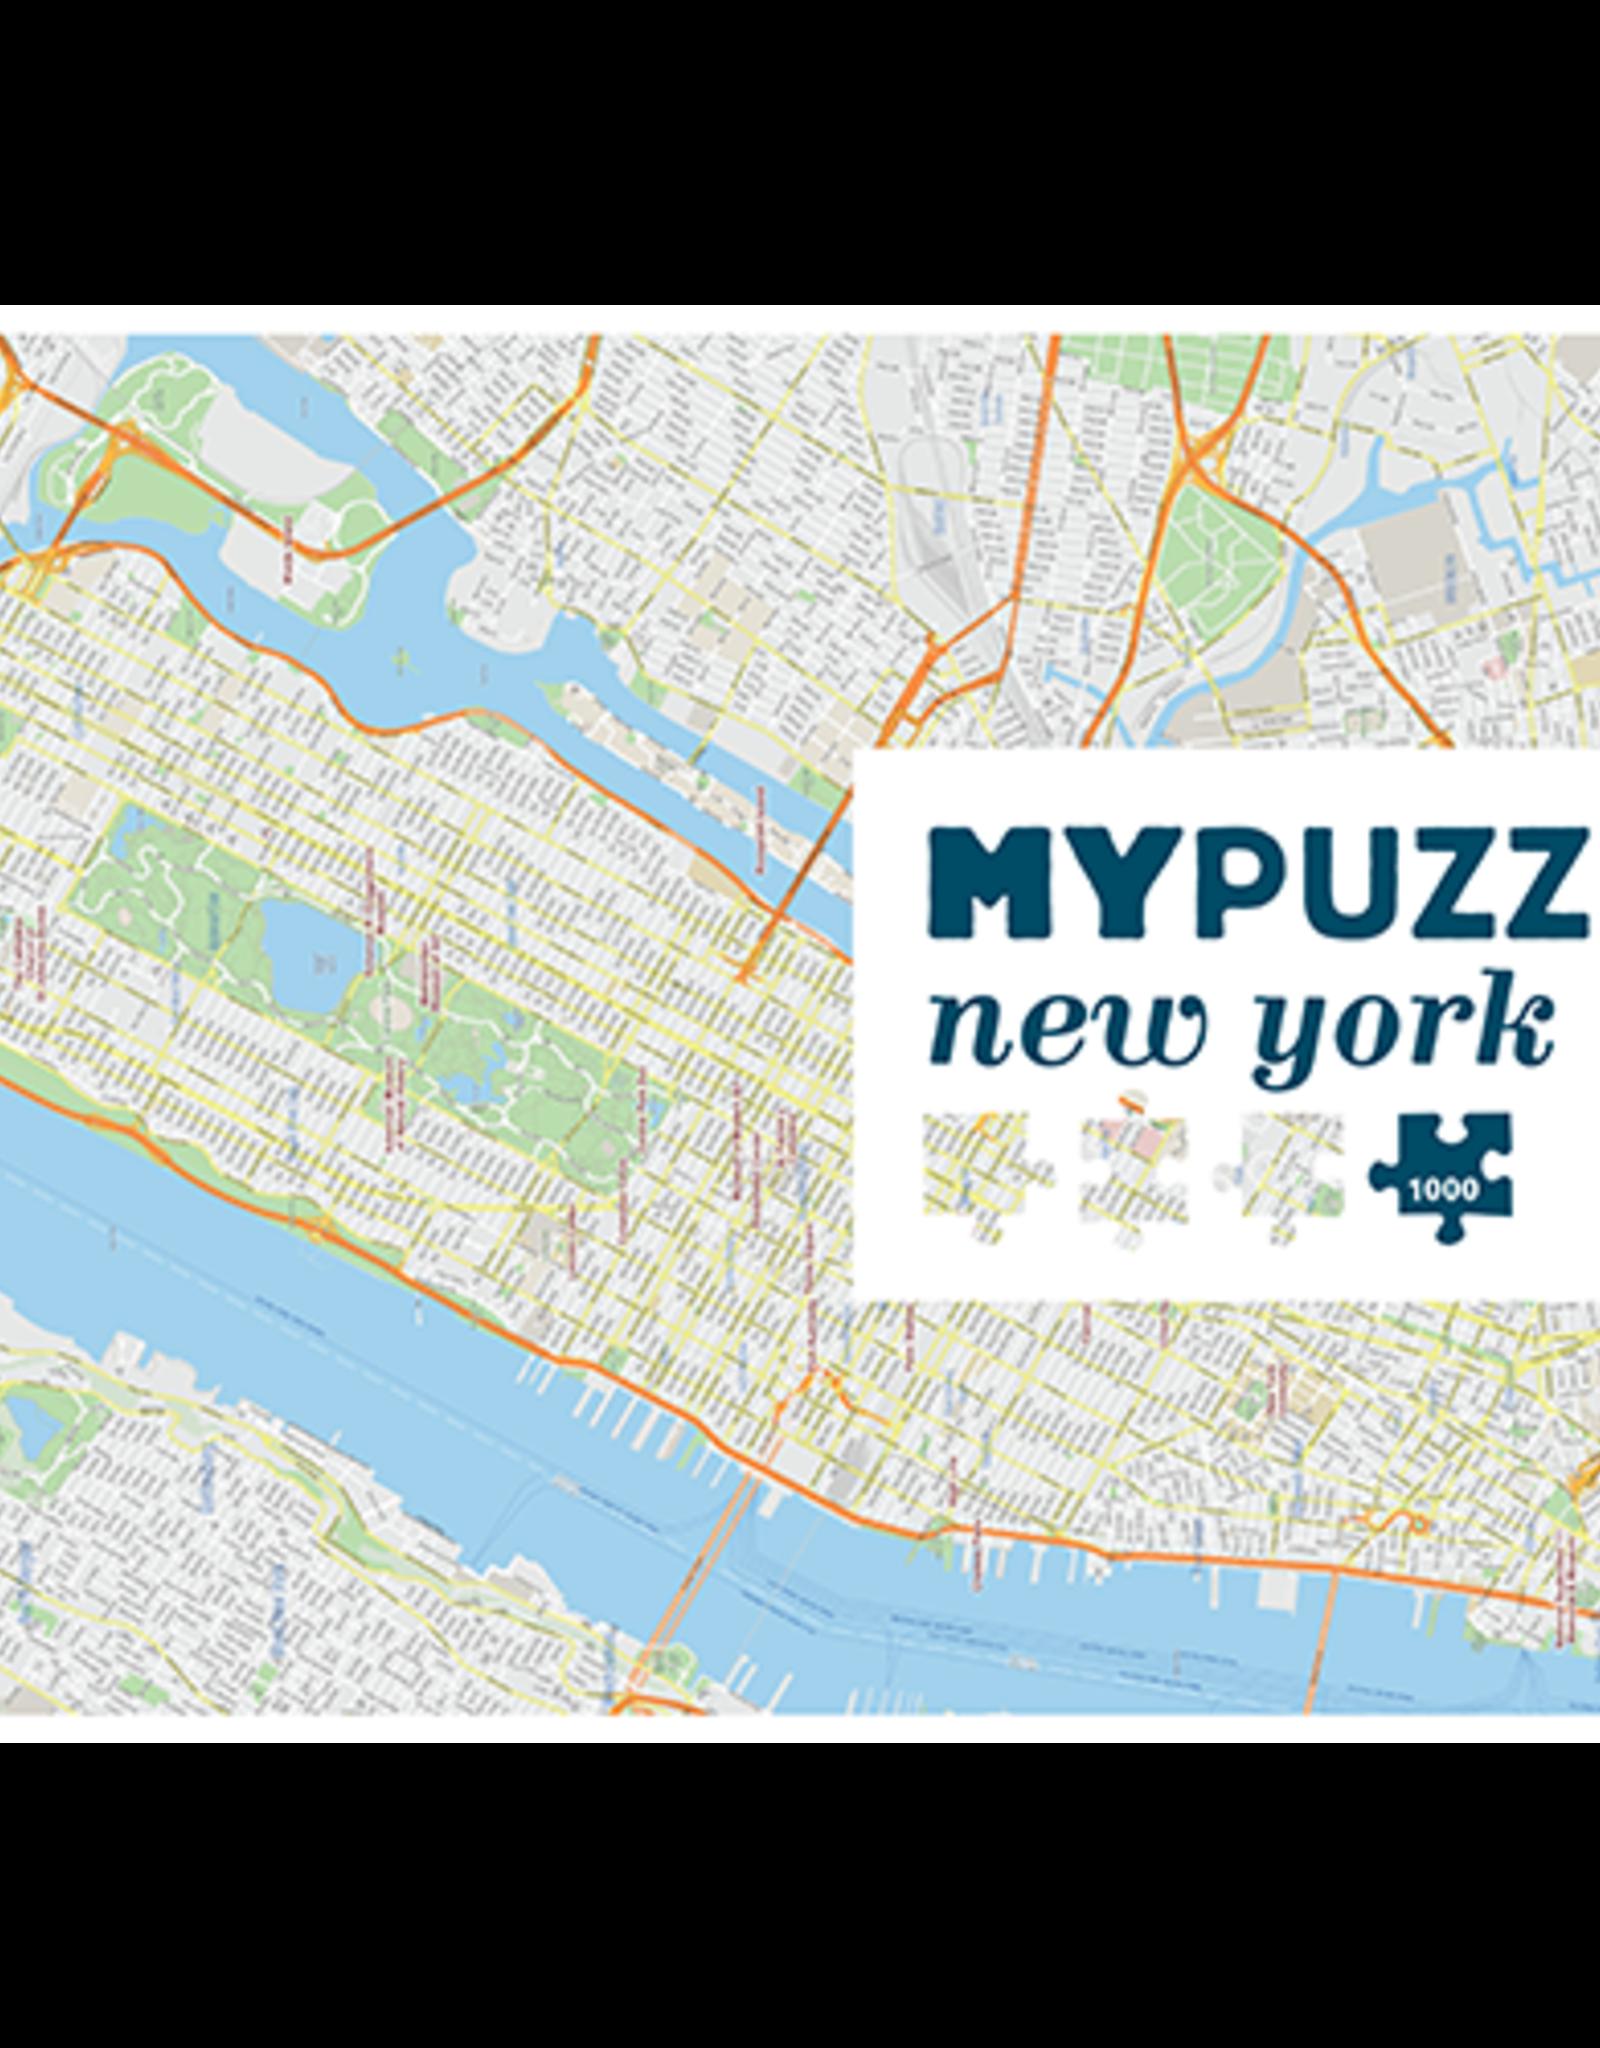 Helvetiq Mypuzzle: New York